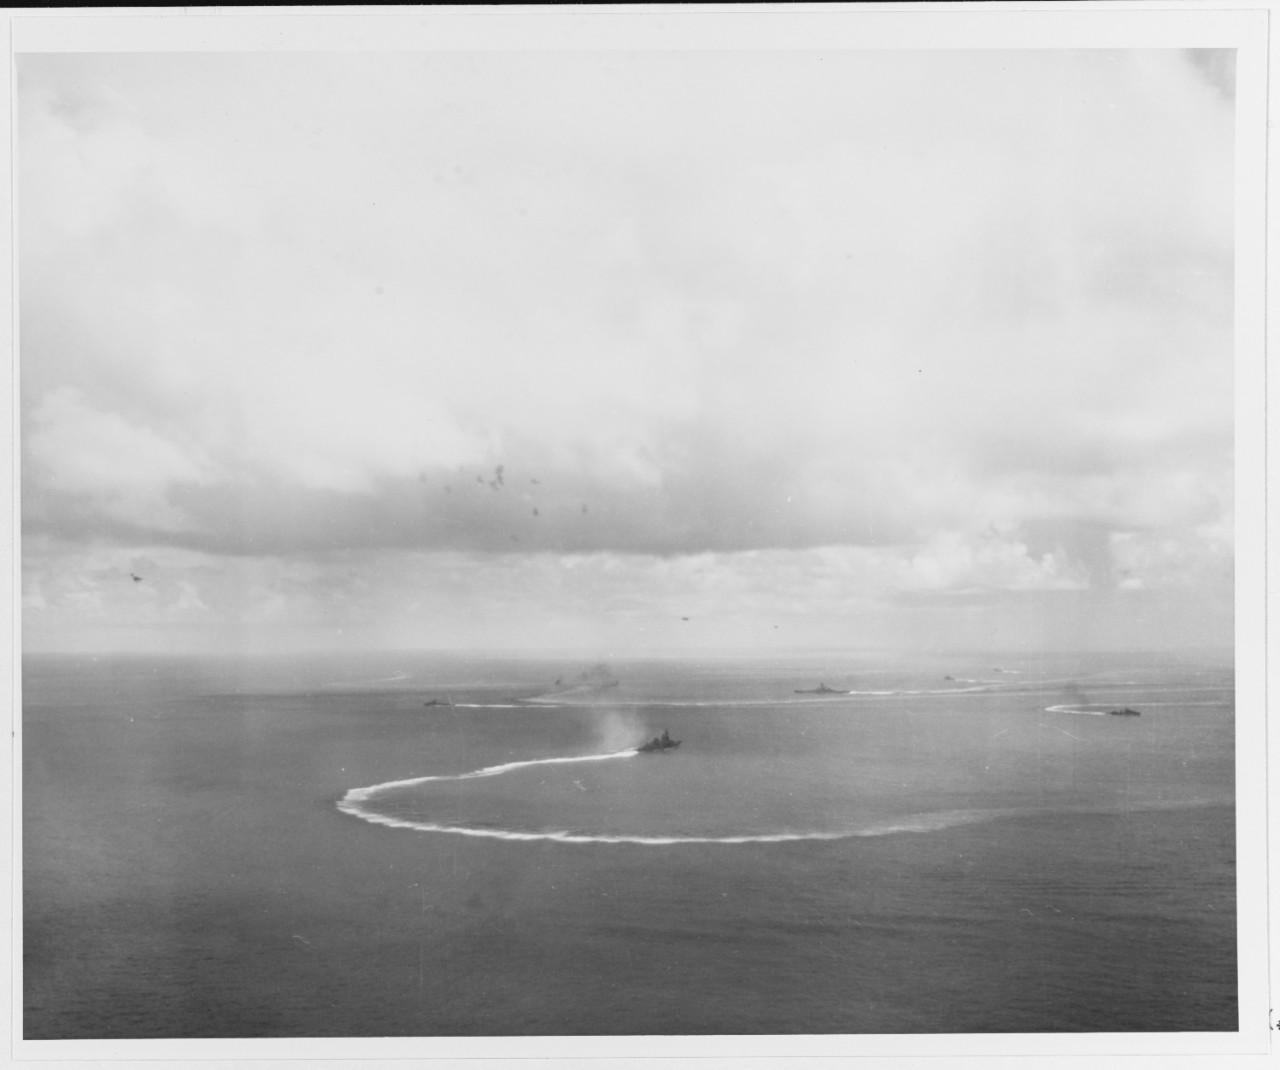 Battle of the Santa Cruz Islands